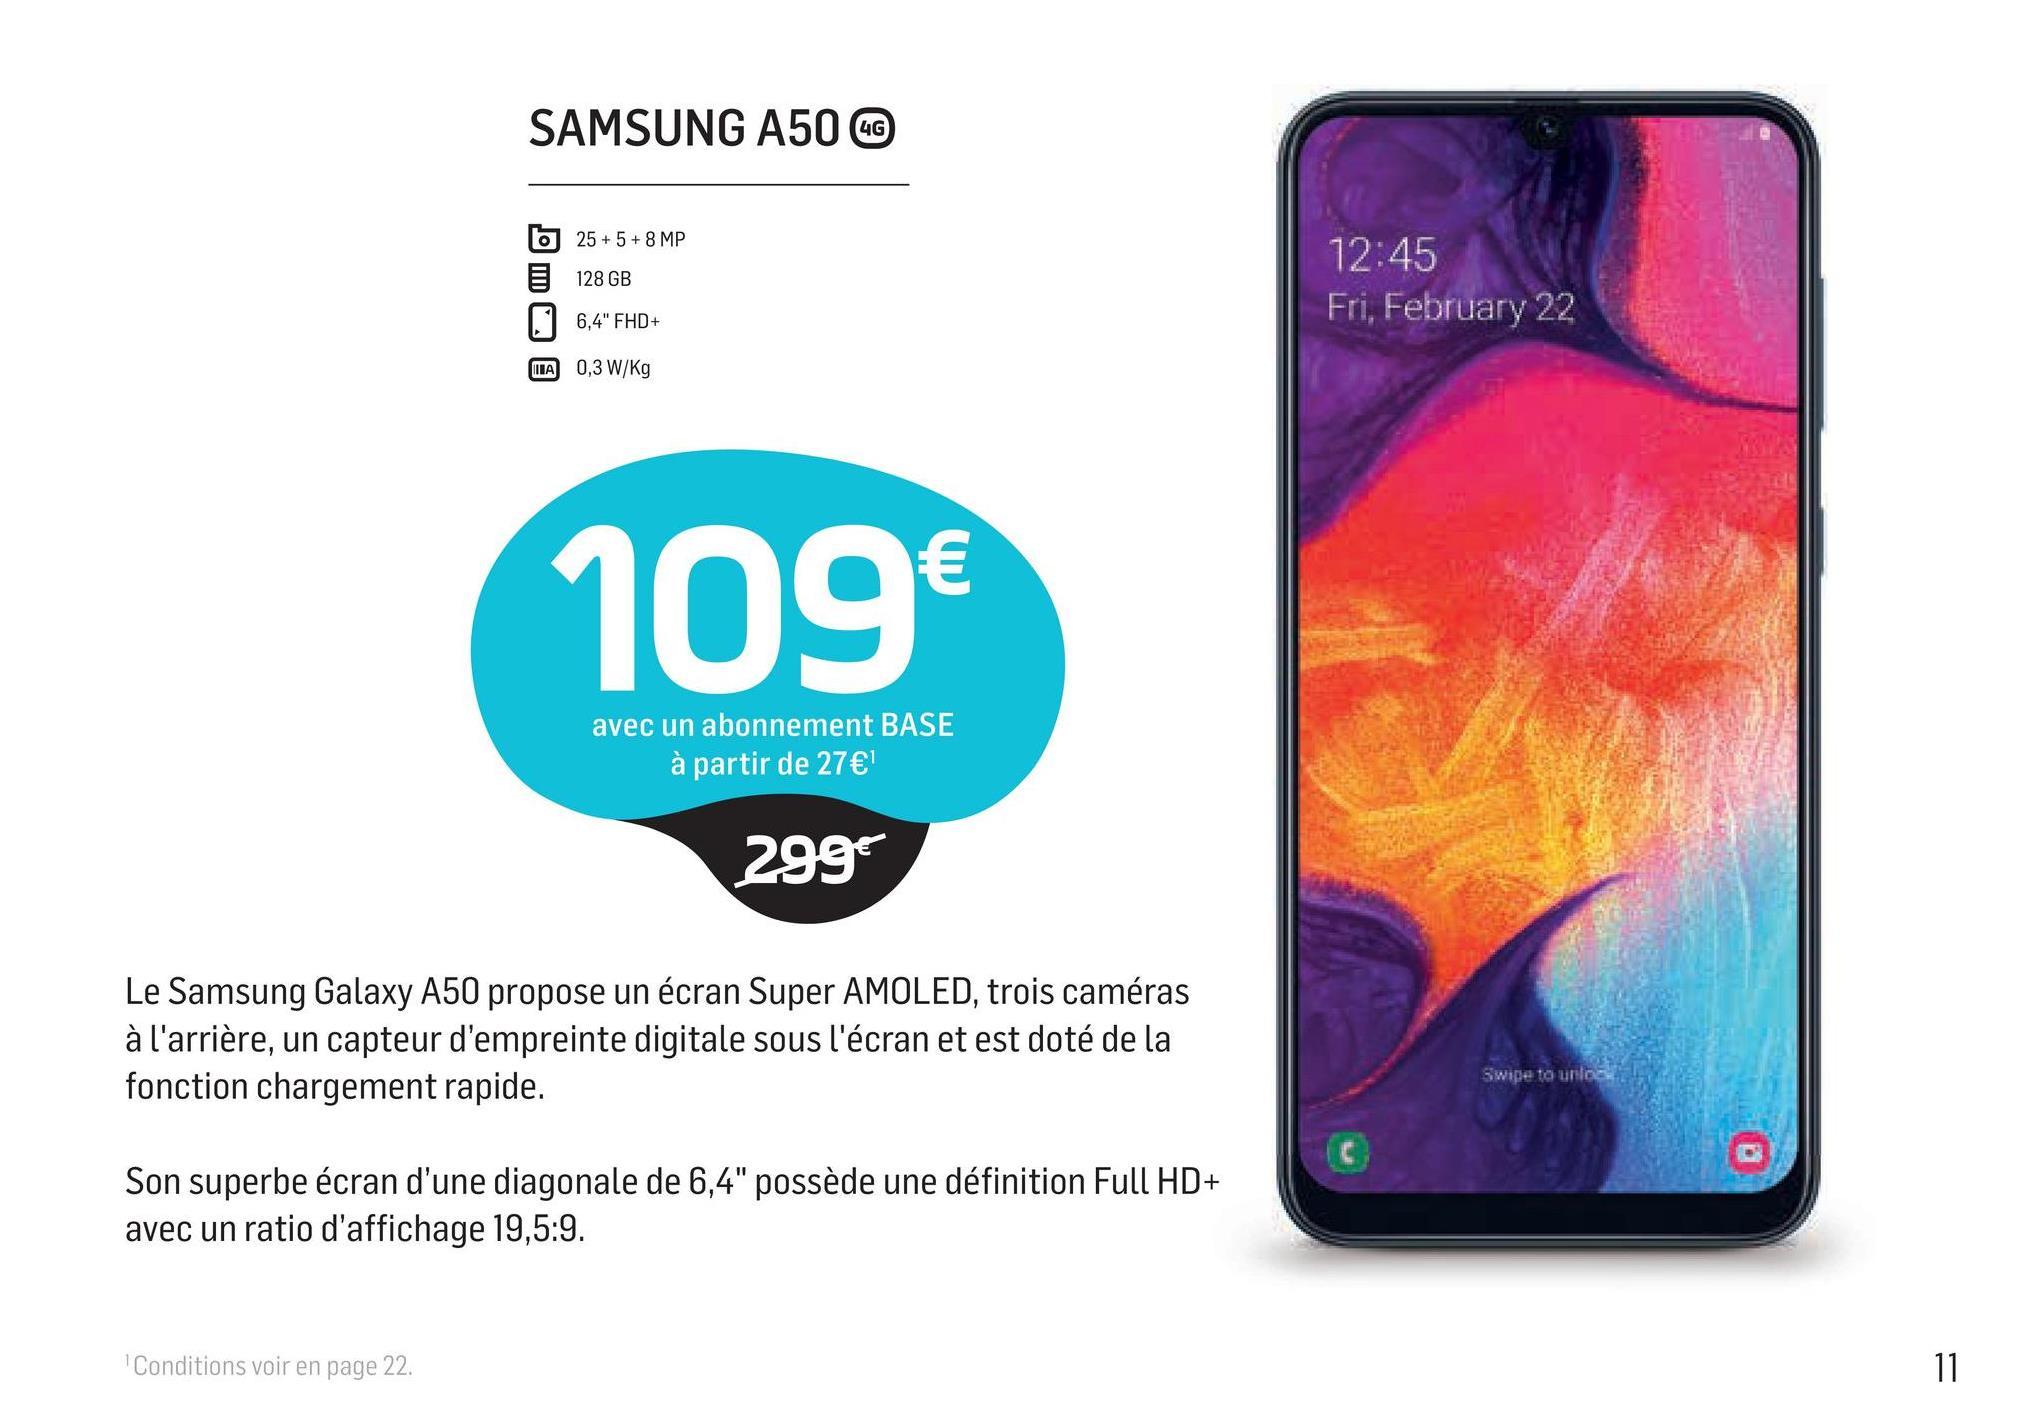 """SAMSUNG A50 CC 6 25 + 5 + 8 MP 128 GB 12:45 Fri, February 22 6,4"""" FHD+ HA 0,3 W/Kg 109 avec un abonnement BASE à partir de 27€ 299€ Le Samsung Galaxy A50 propose un écran Super AMOLED, trois caméras à l'arrière, un capteur d'empreinte digitale sous l'écran et est doté de la fonction chargement rapide. Swipe to unlos Son superbe écran d'une diagonale de 6,4"""" possède une définition Full HD+ avec un ratio d'affichage 19,5:9. Conditions voir en page 22."""